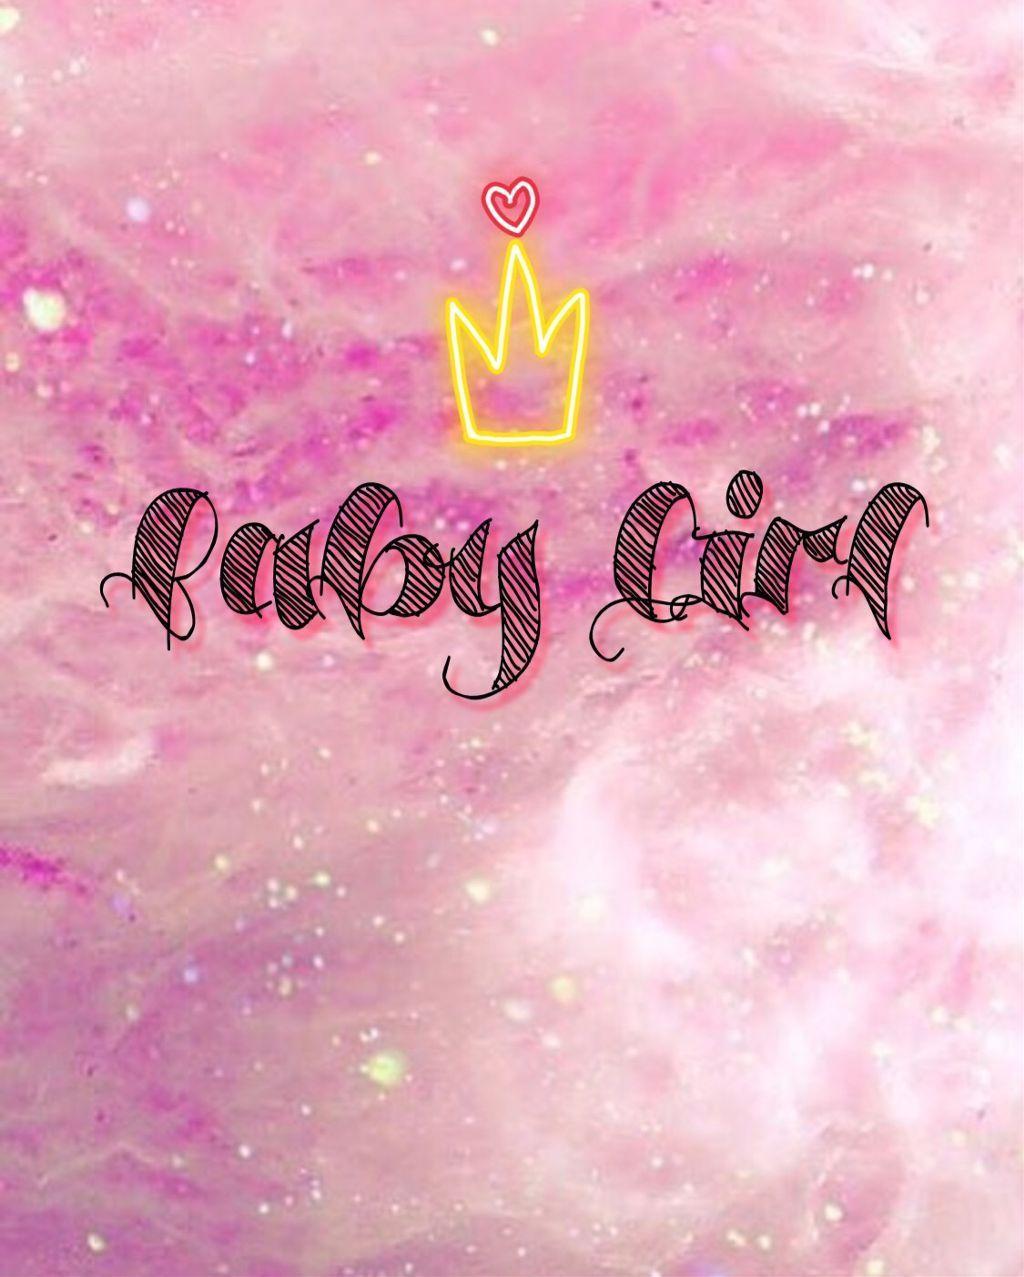 Queen Girly Wallpapers - Top Free Queen